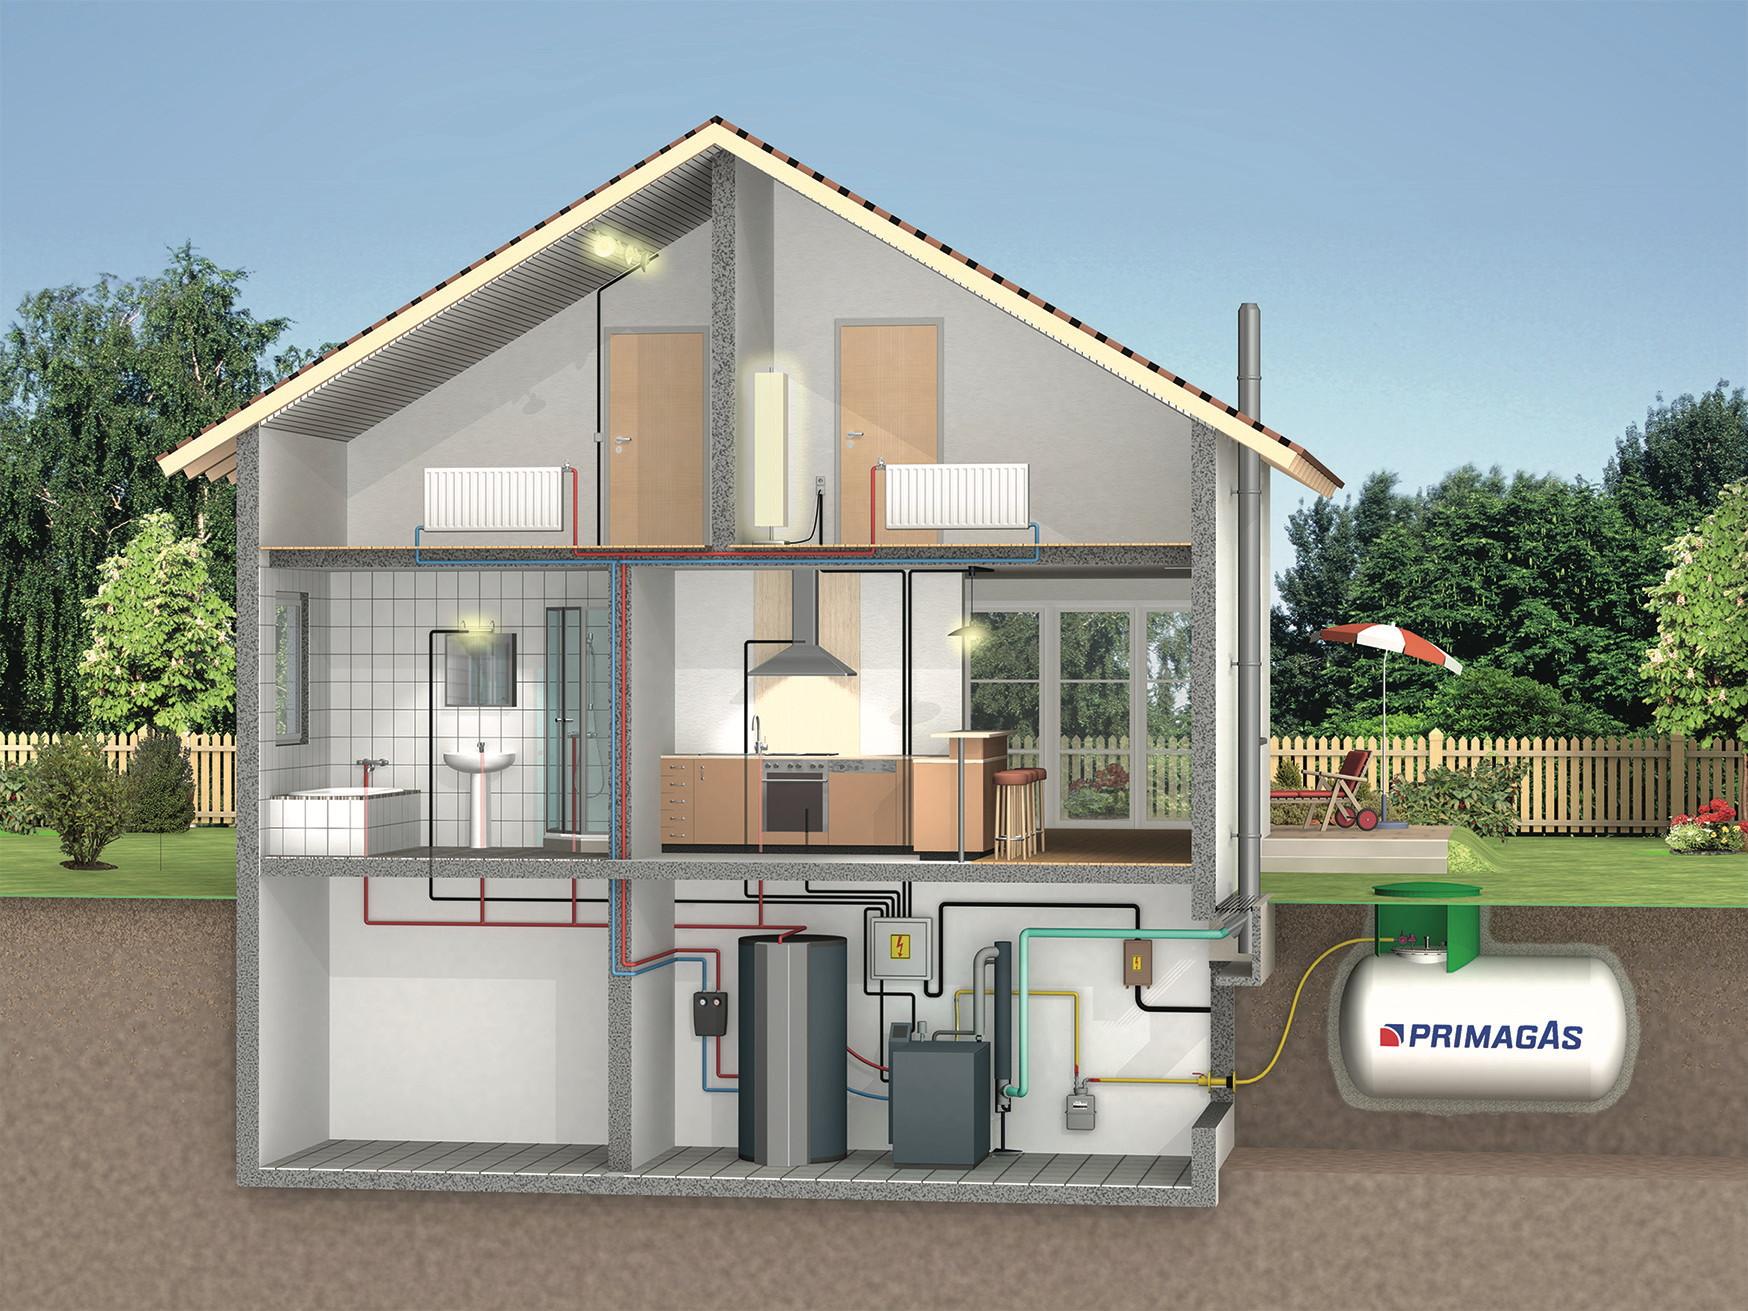 Primagas versorgt 1.000 BHKW-Kunden mit Flüssiggas ...